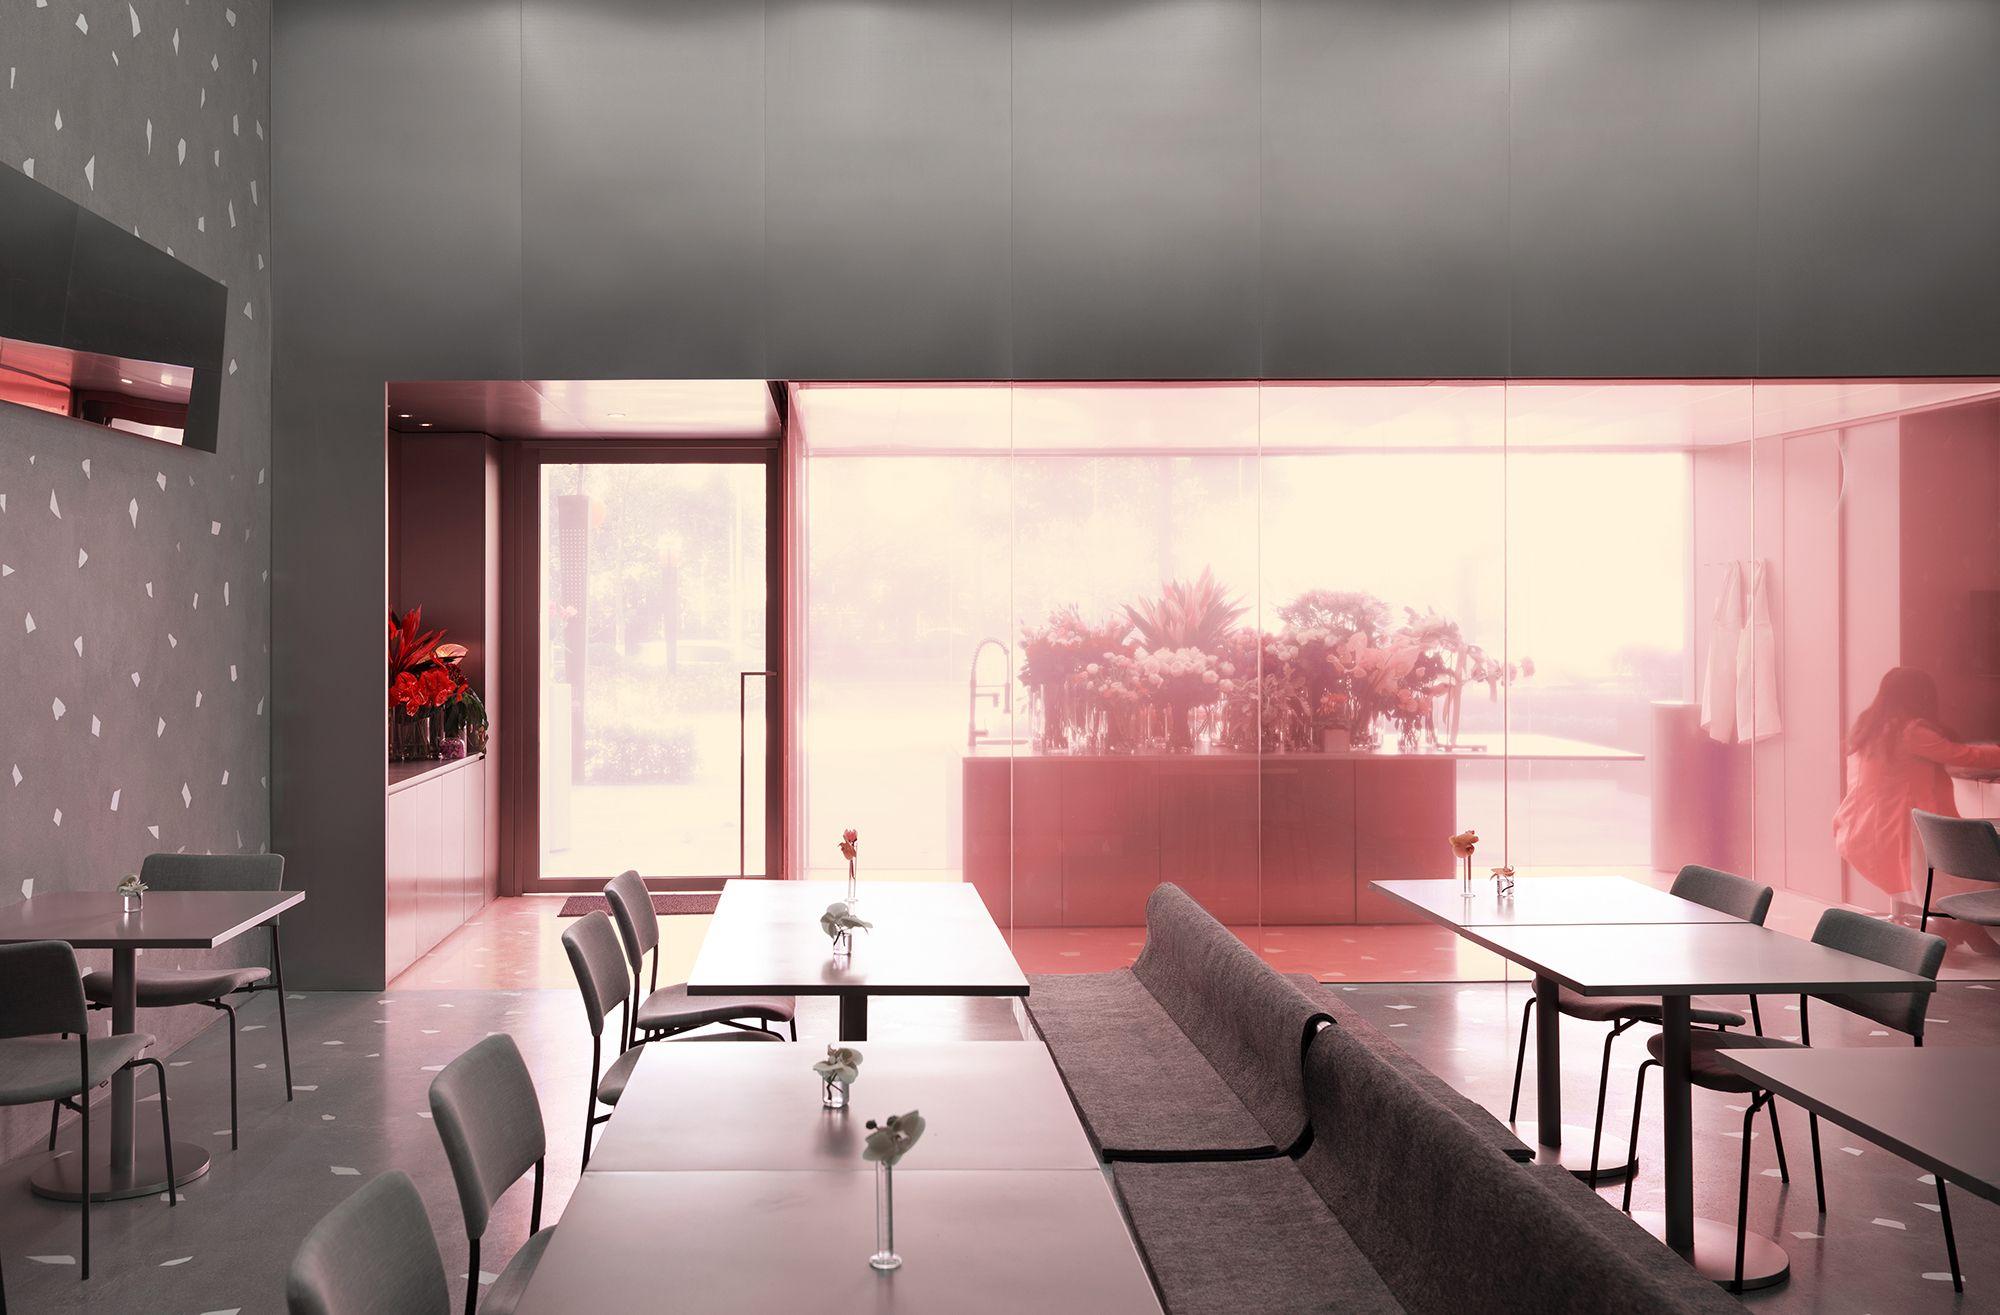 Beau Location Chambre De Bonne Paris Artamplitude